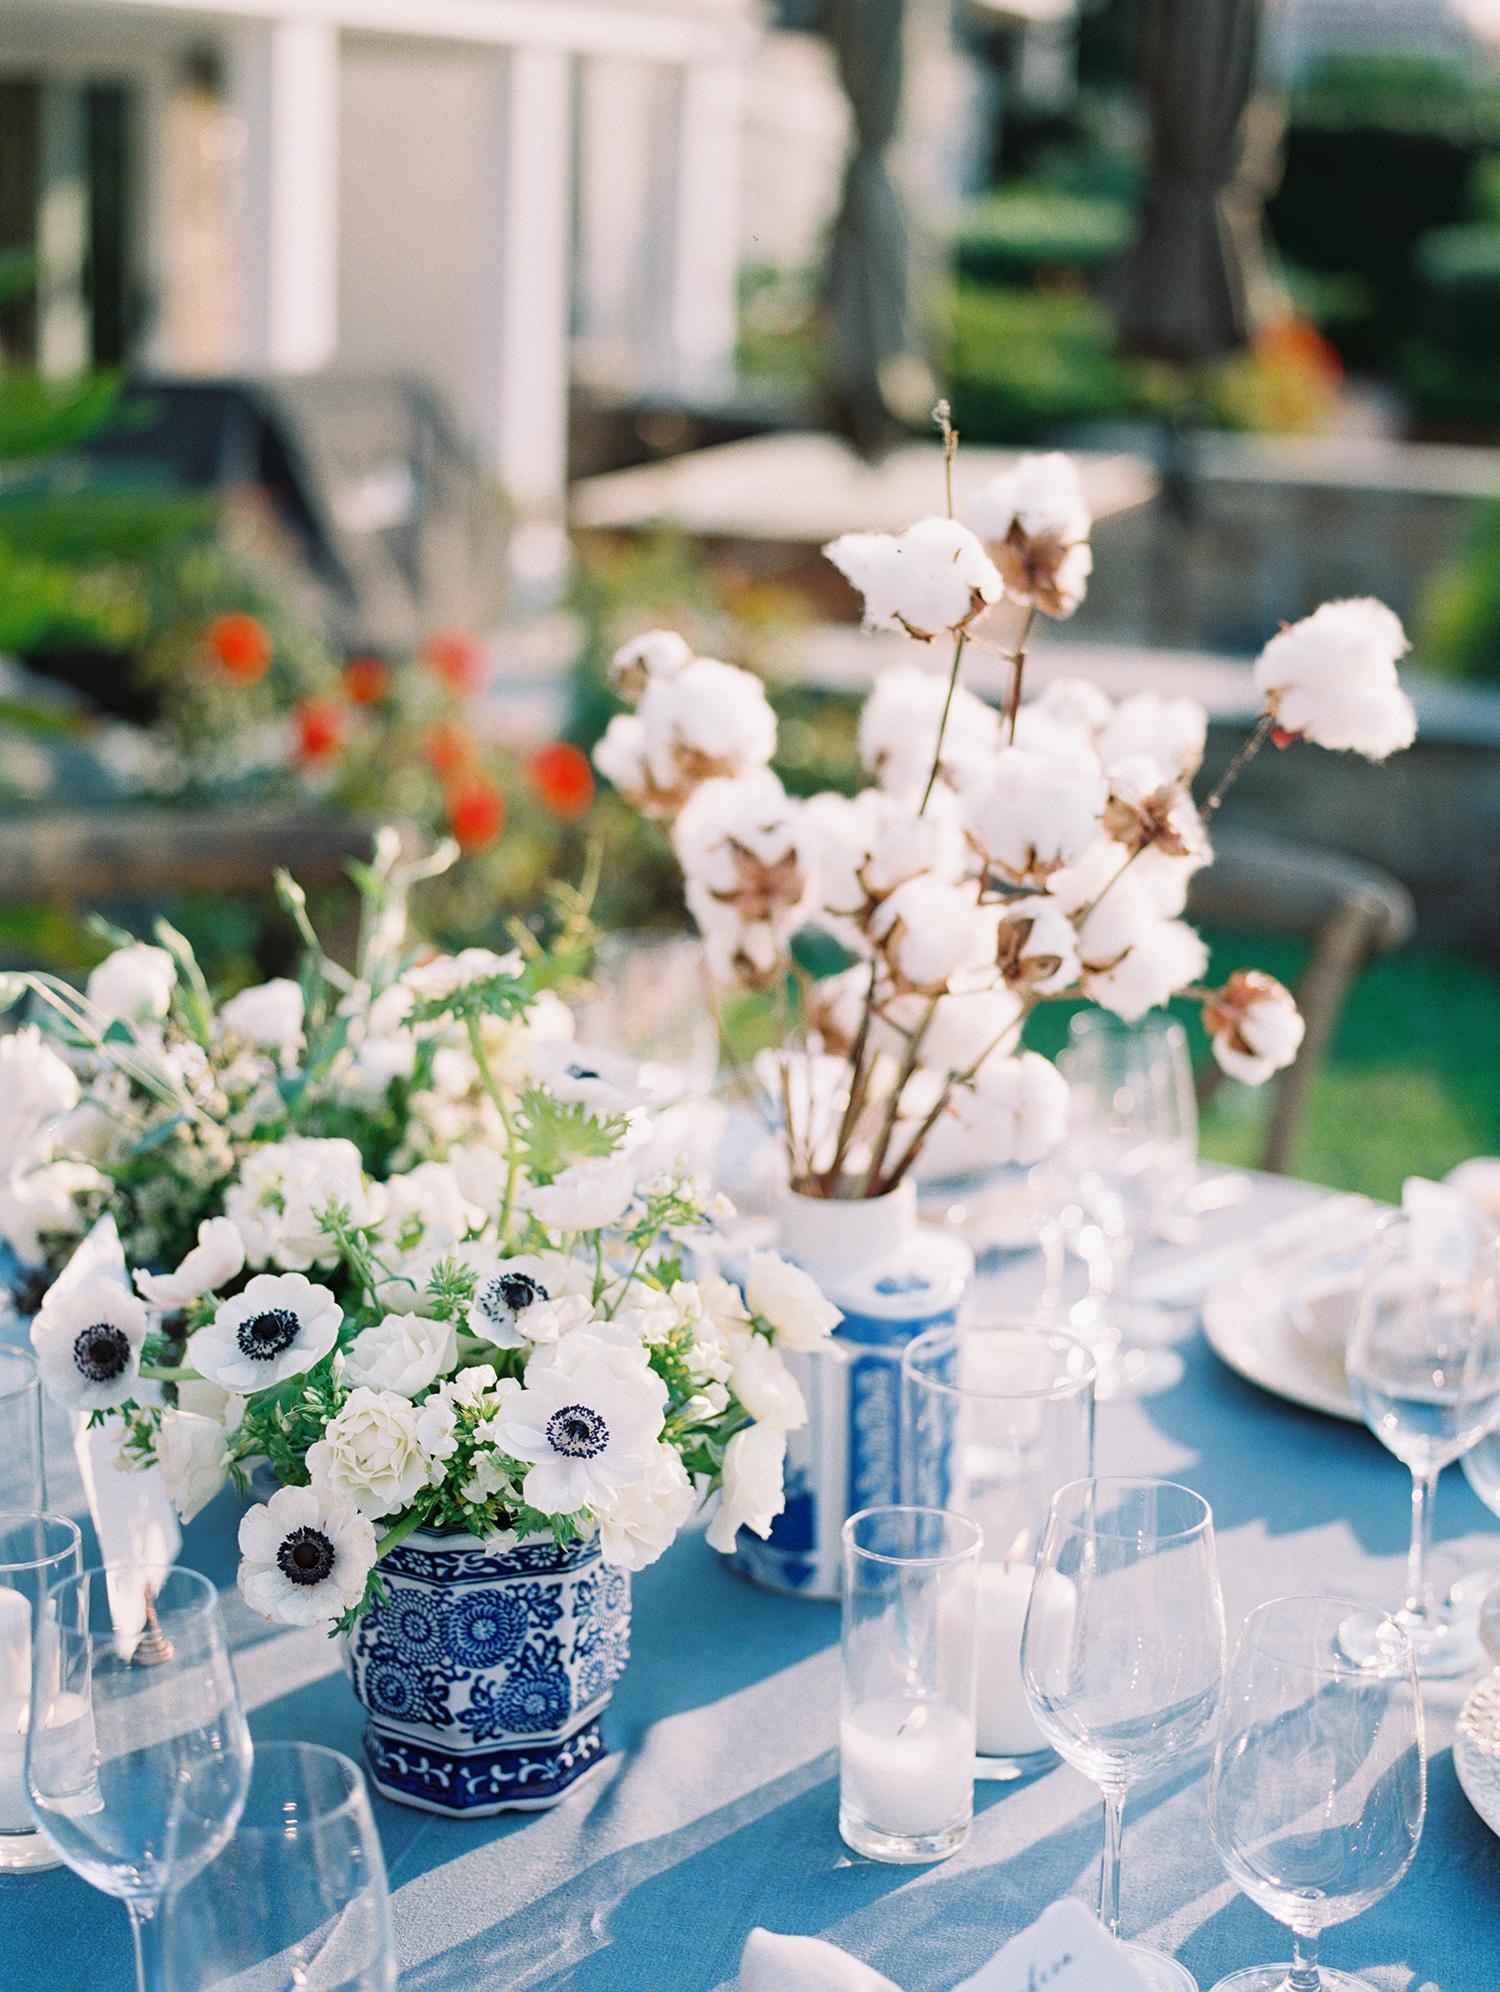 elizabeth scott wedding centerpieces white and blue flower vases